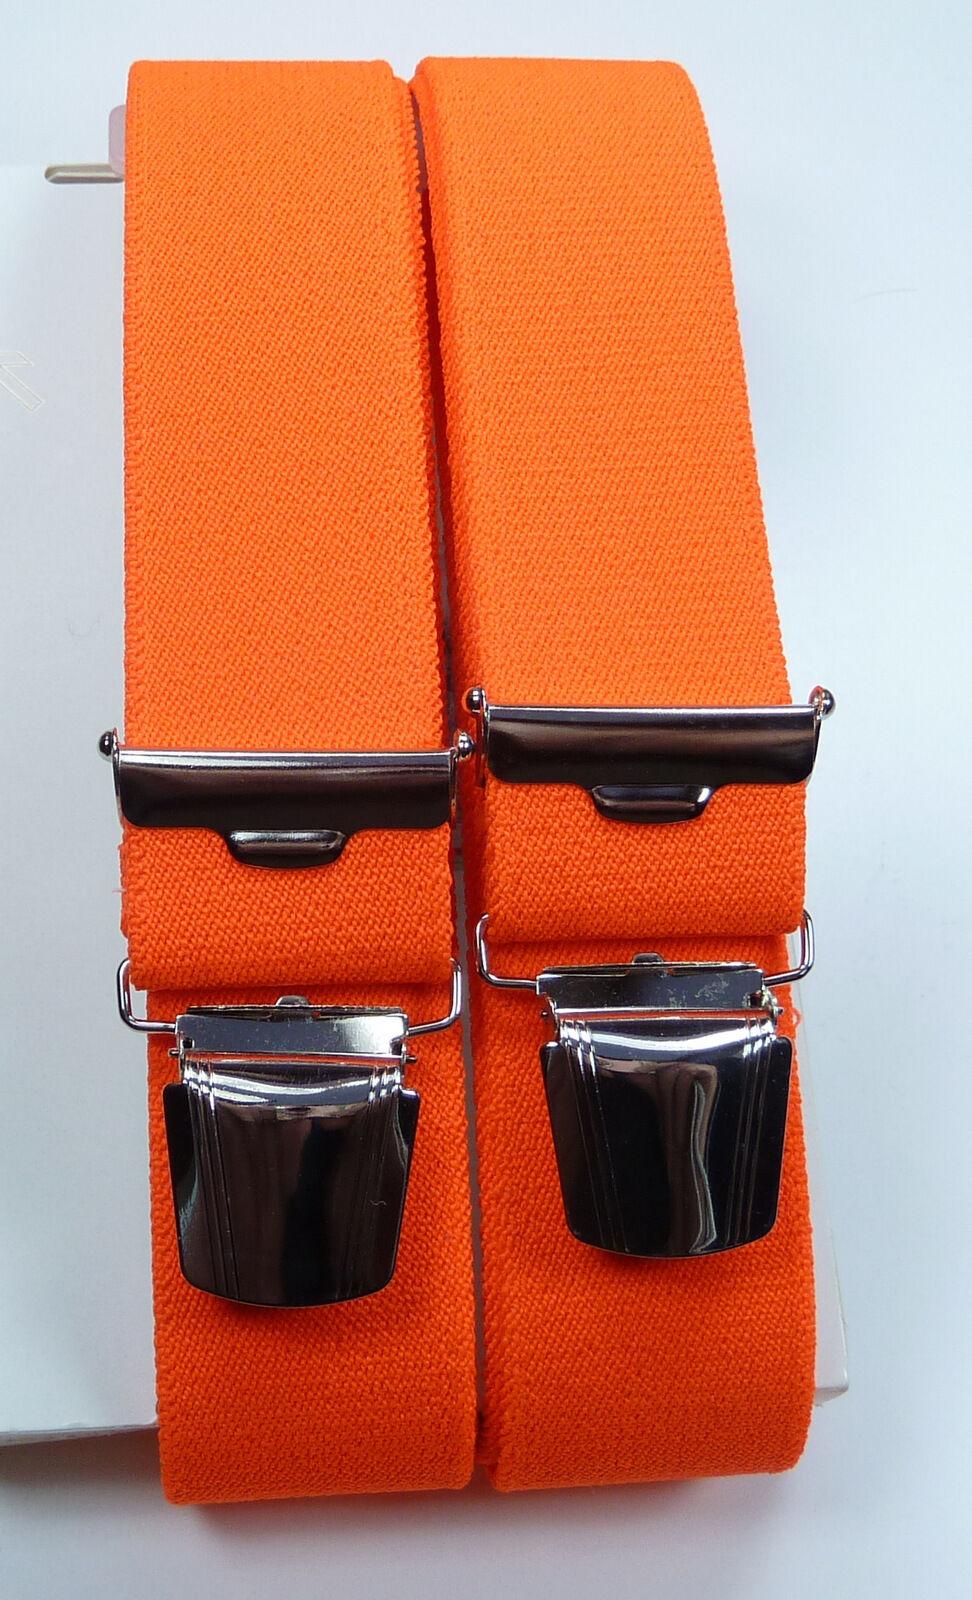 fester Hosenträger,neonorange, starke,stabile breite Klips,35mm breit,120cm lang